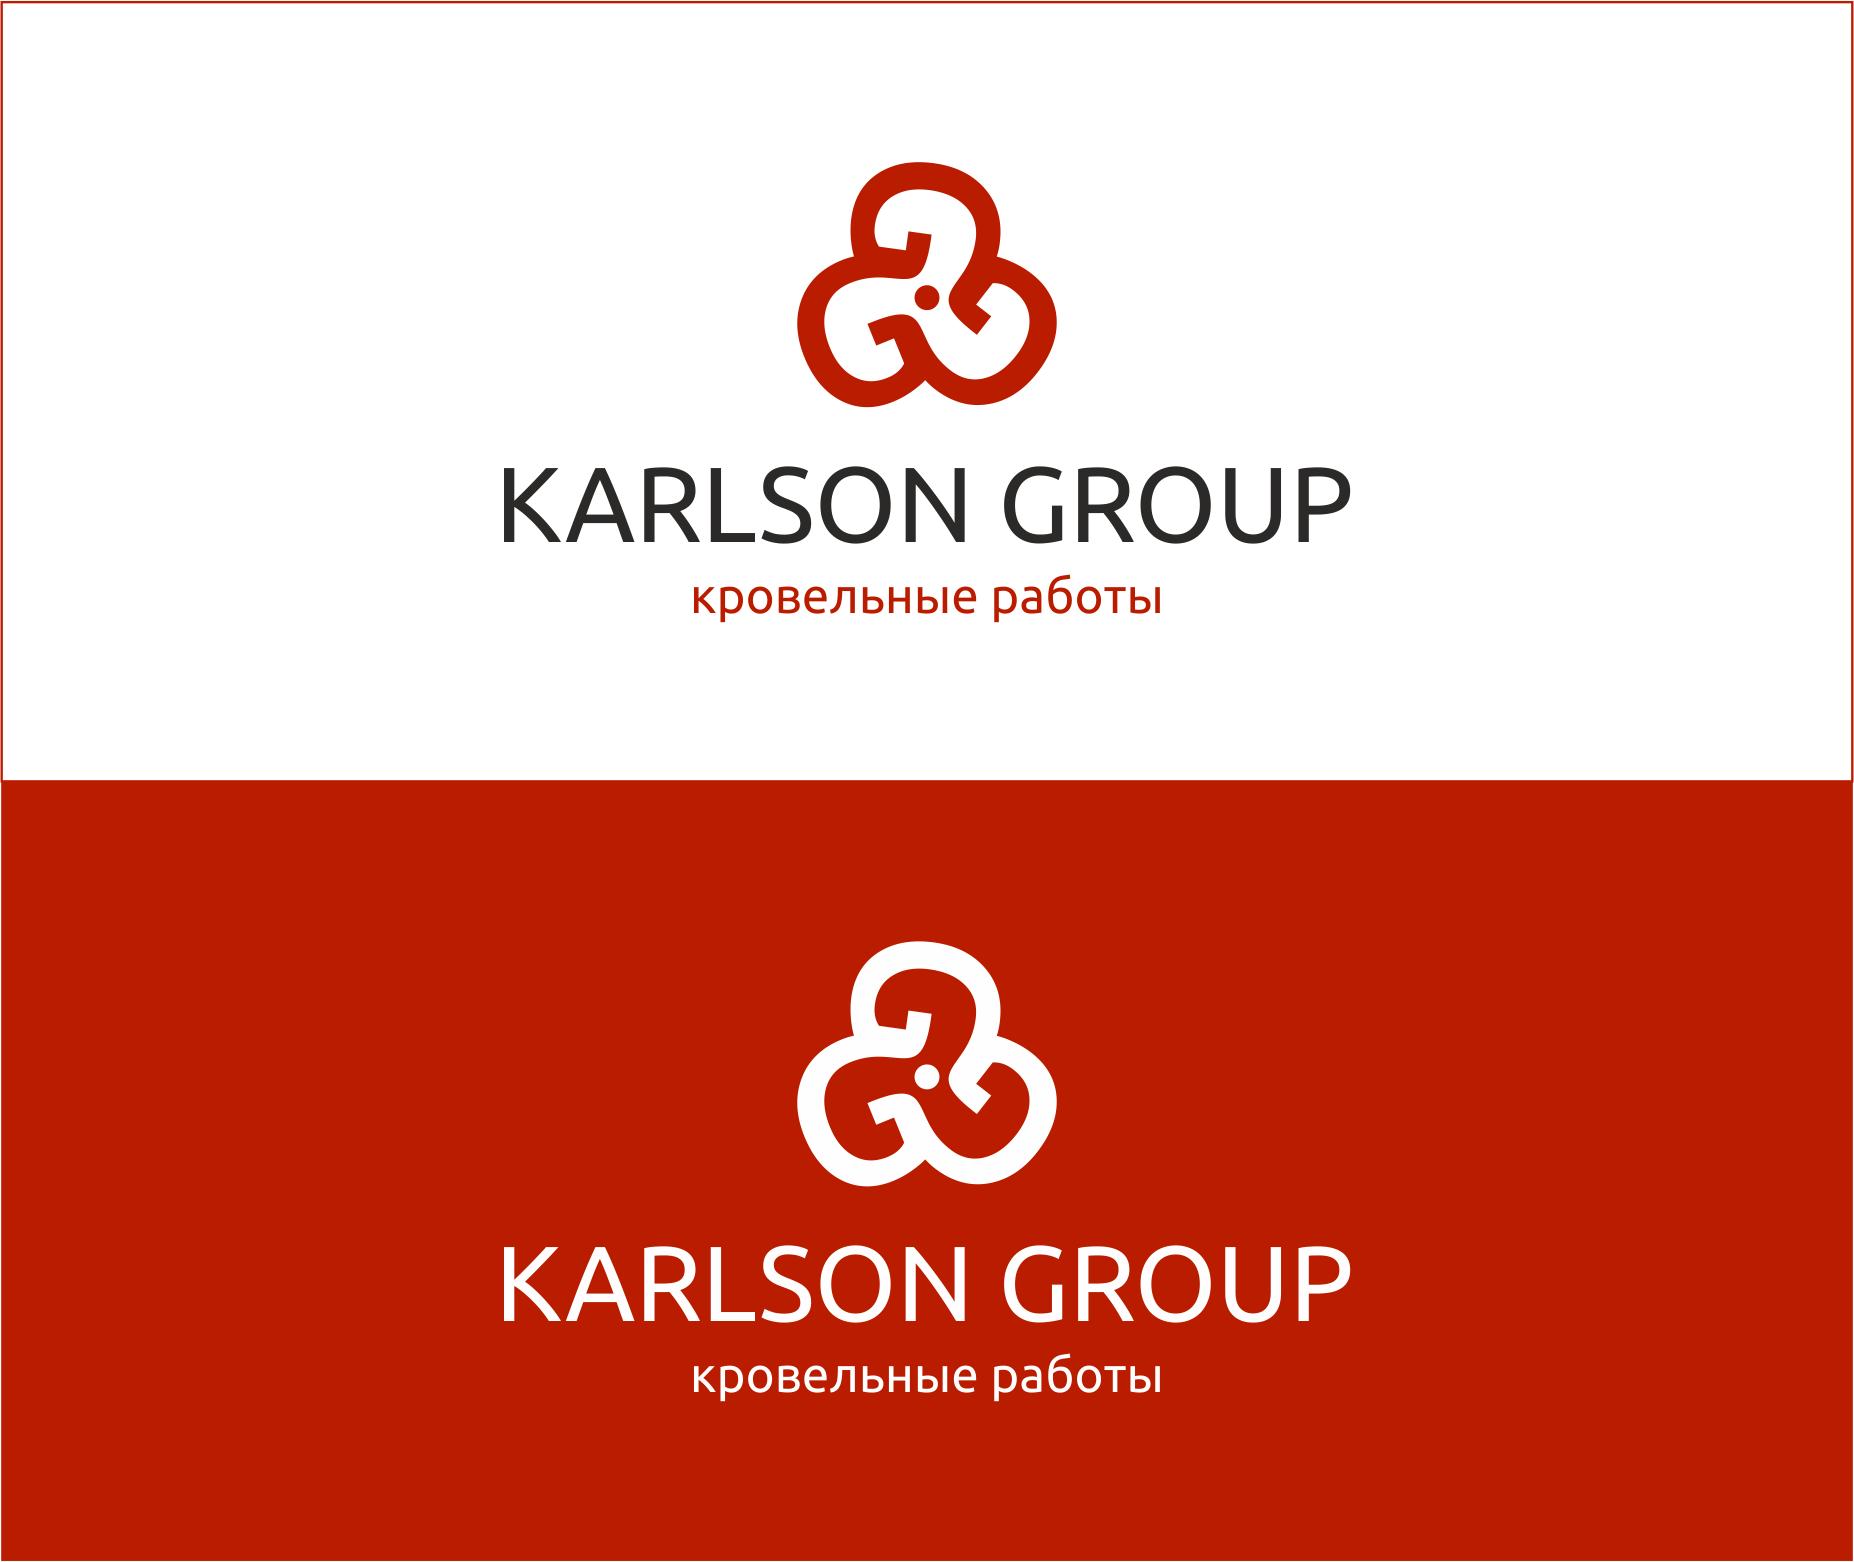 Придумать классный логотип фото f_755598ecf2f53532.png